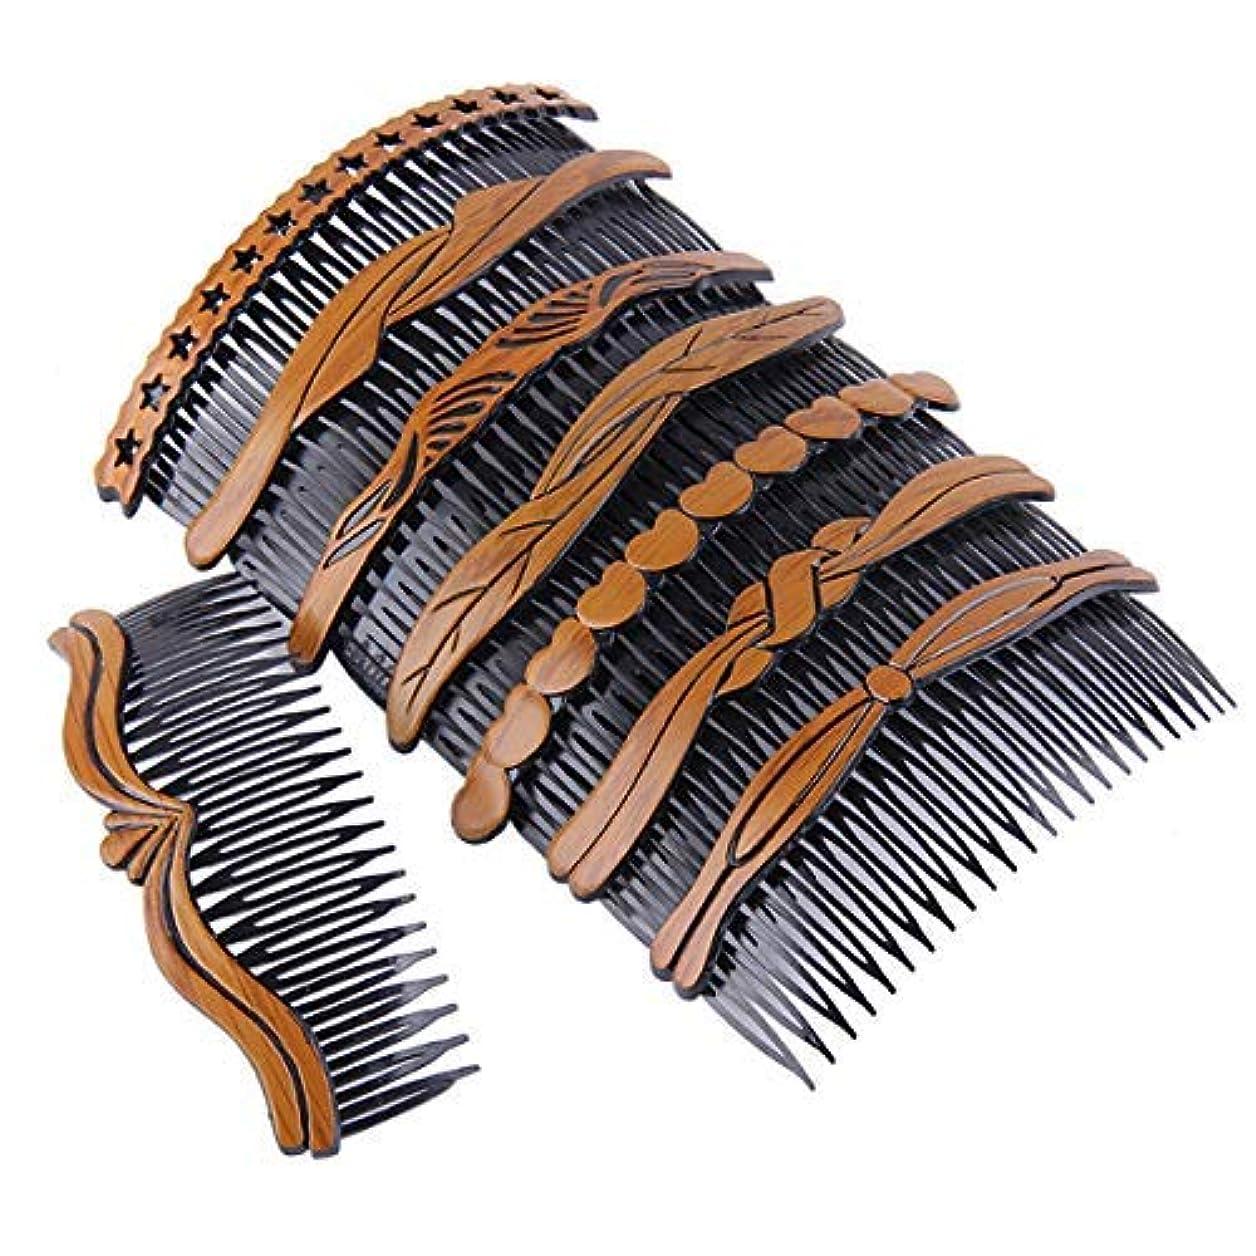 無駄の配列独占8Pcs Plastic Wood Grain Hollow Hair Side Combs Retro Hair Comb Pin Clips Headdress with Teeth for Lady Women Girls...